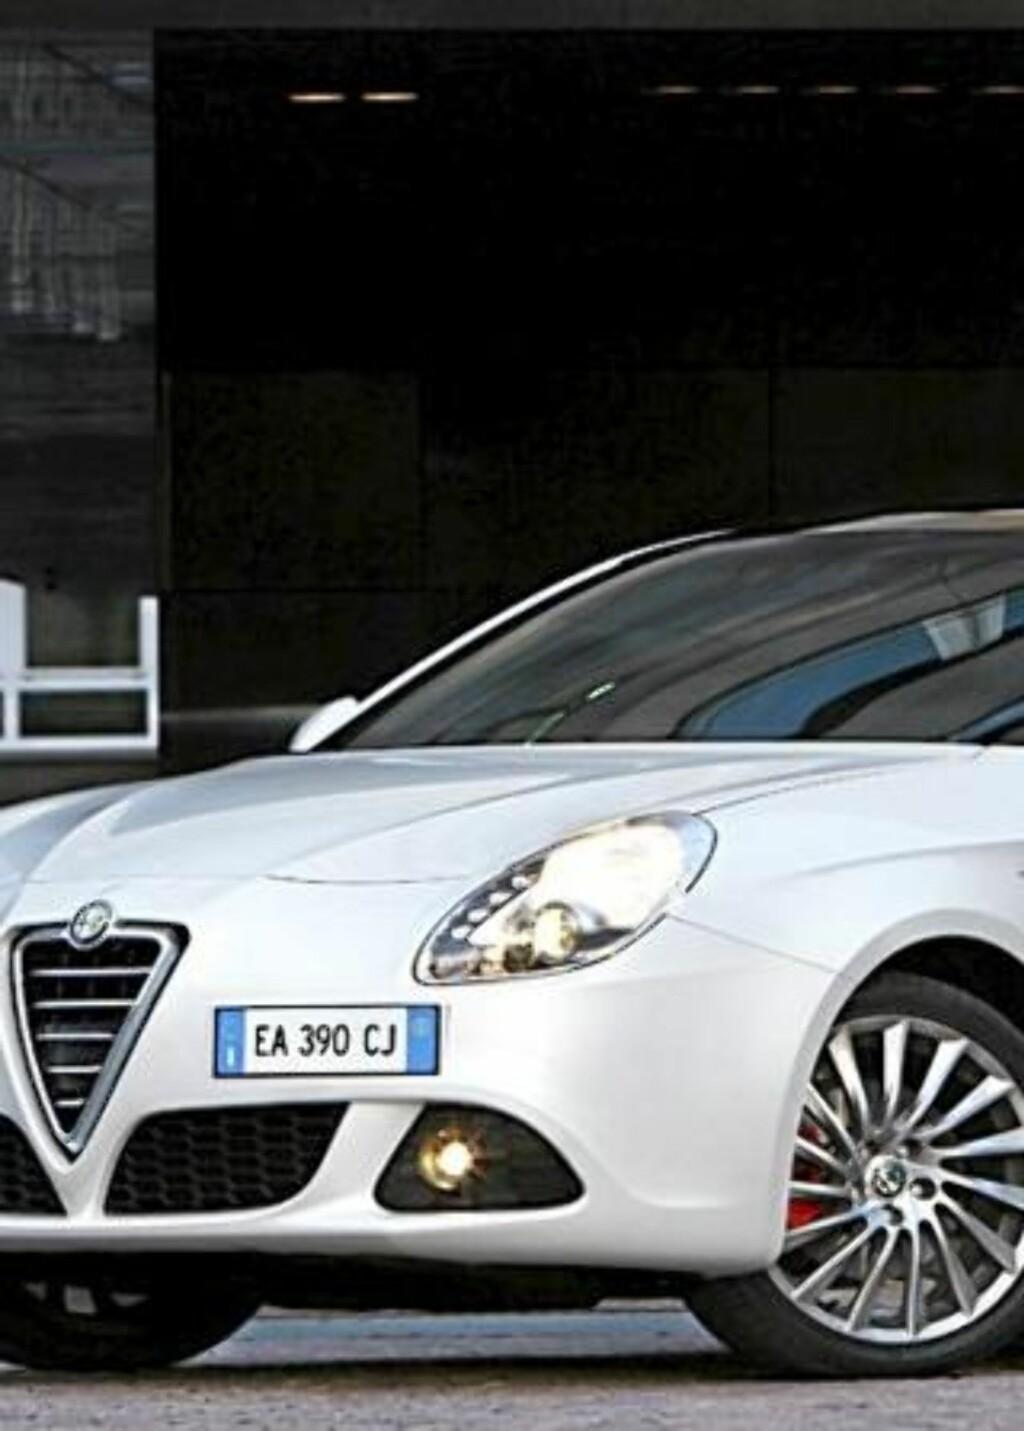 PÅ TREDJE PLASS: Alfa Romeo Giulietta. Foto: PRODUSENT